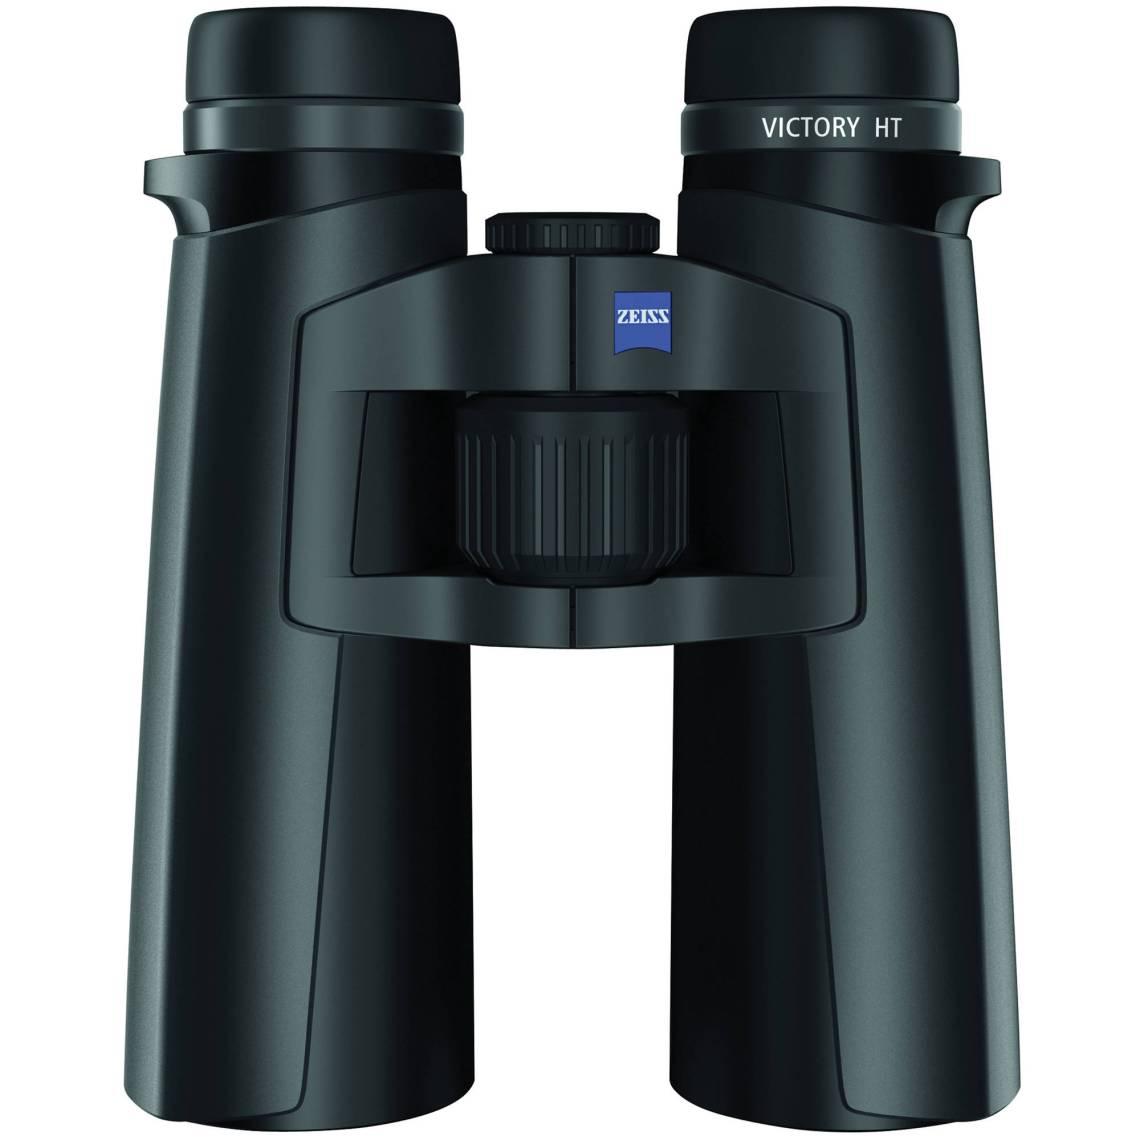 07 Zeiss Victory 8x42 HT binoculars